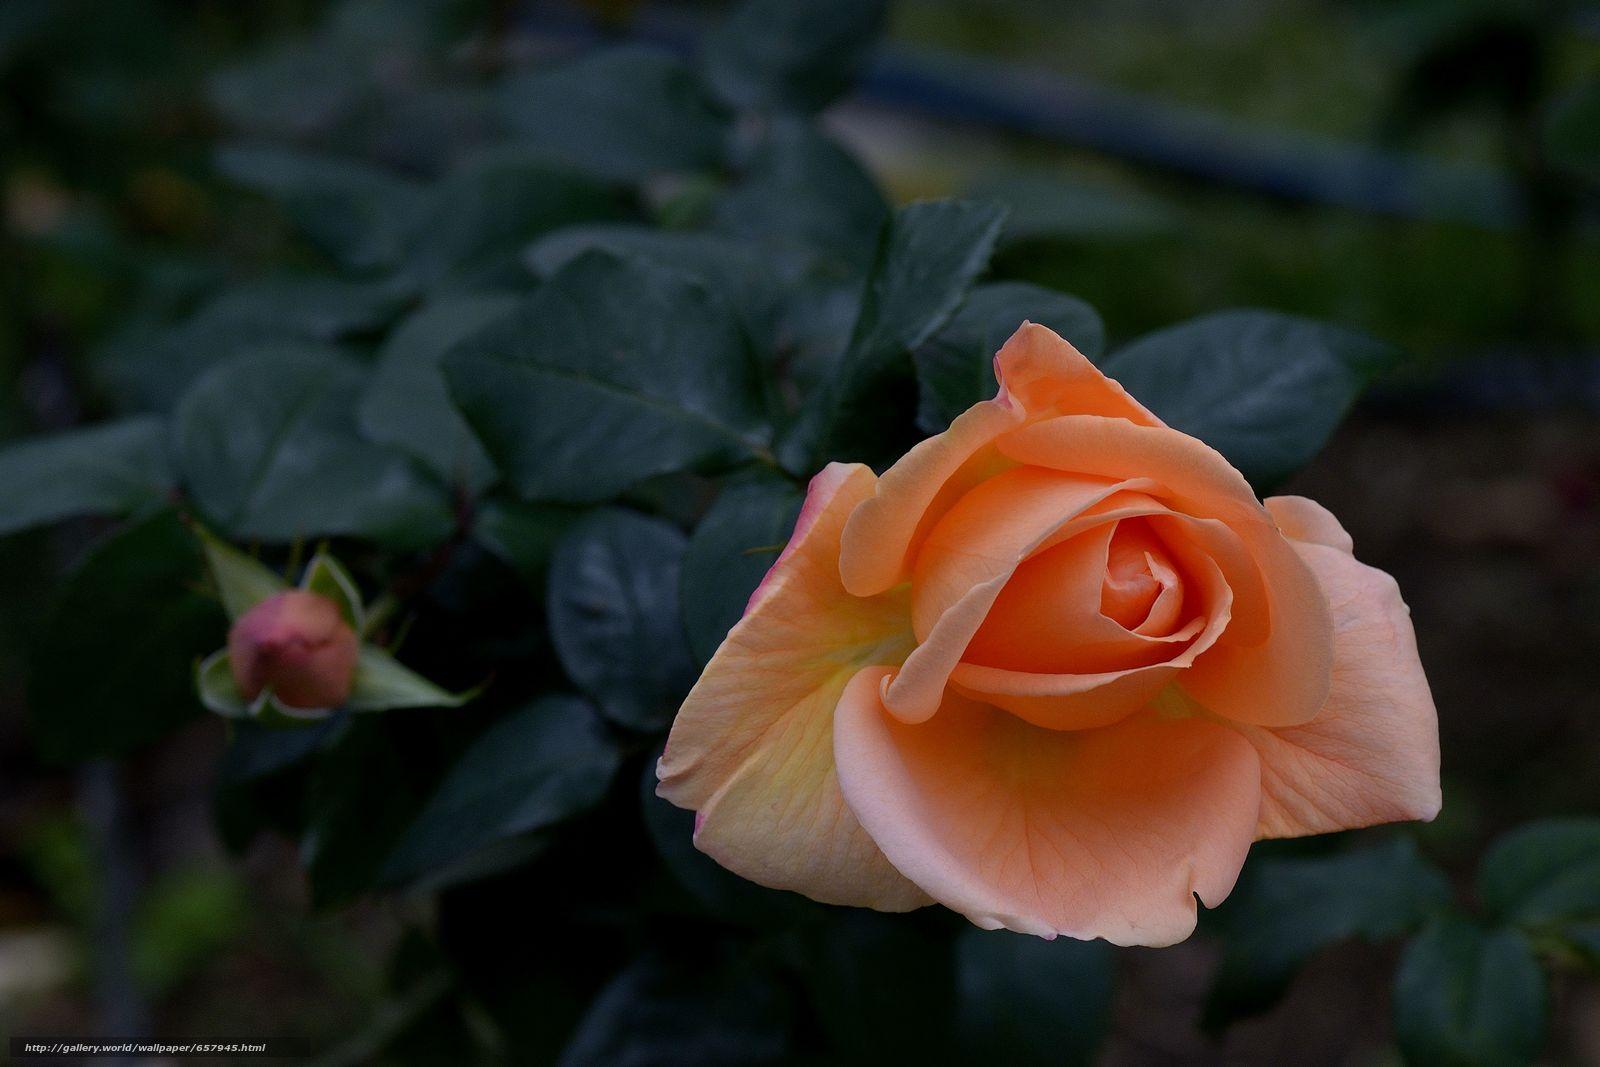 下载壁纸 玫瑰,  玫瑰,  花,  花卉 免费为您的桌面分辨率的壁纸 4730x3153 — 图片 №657945